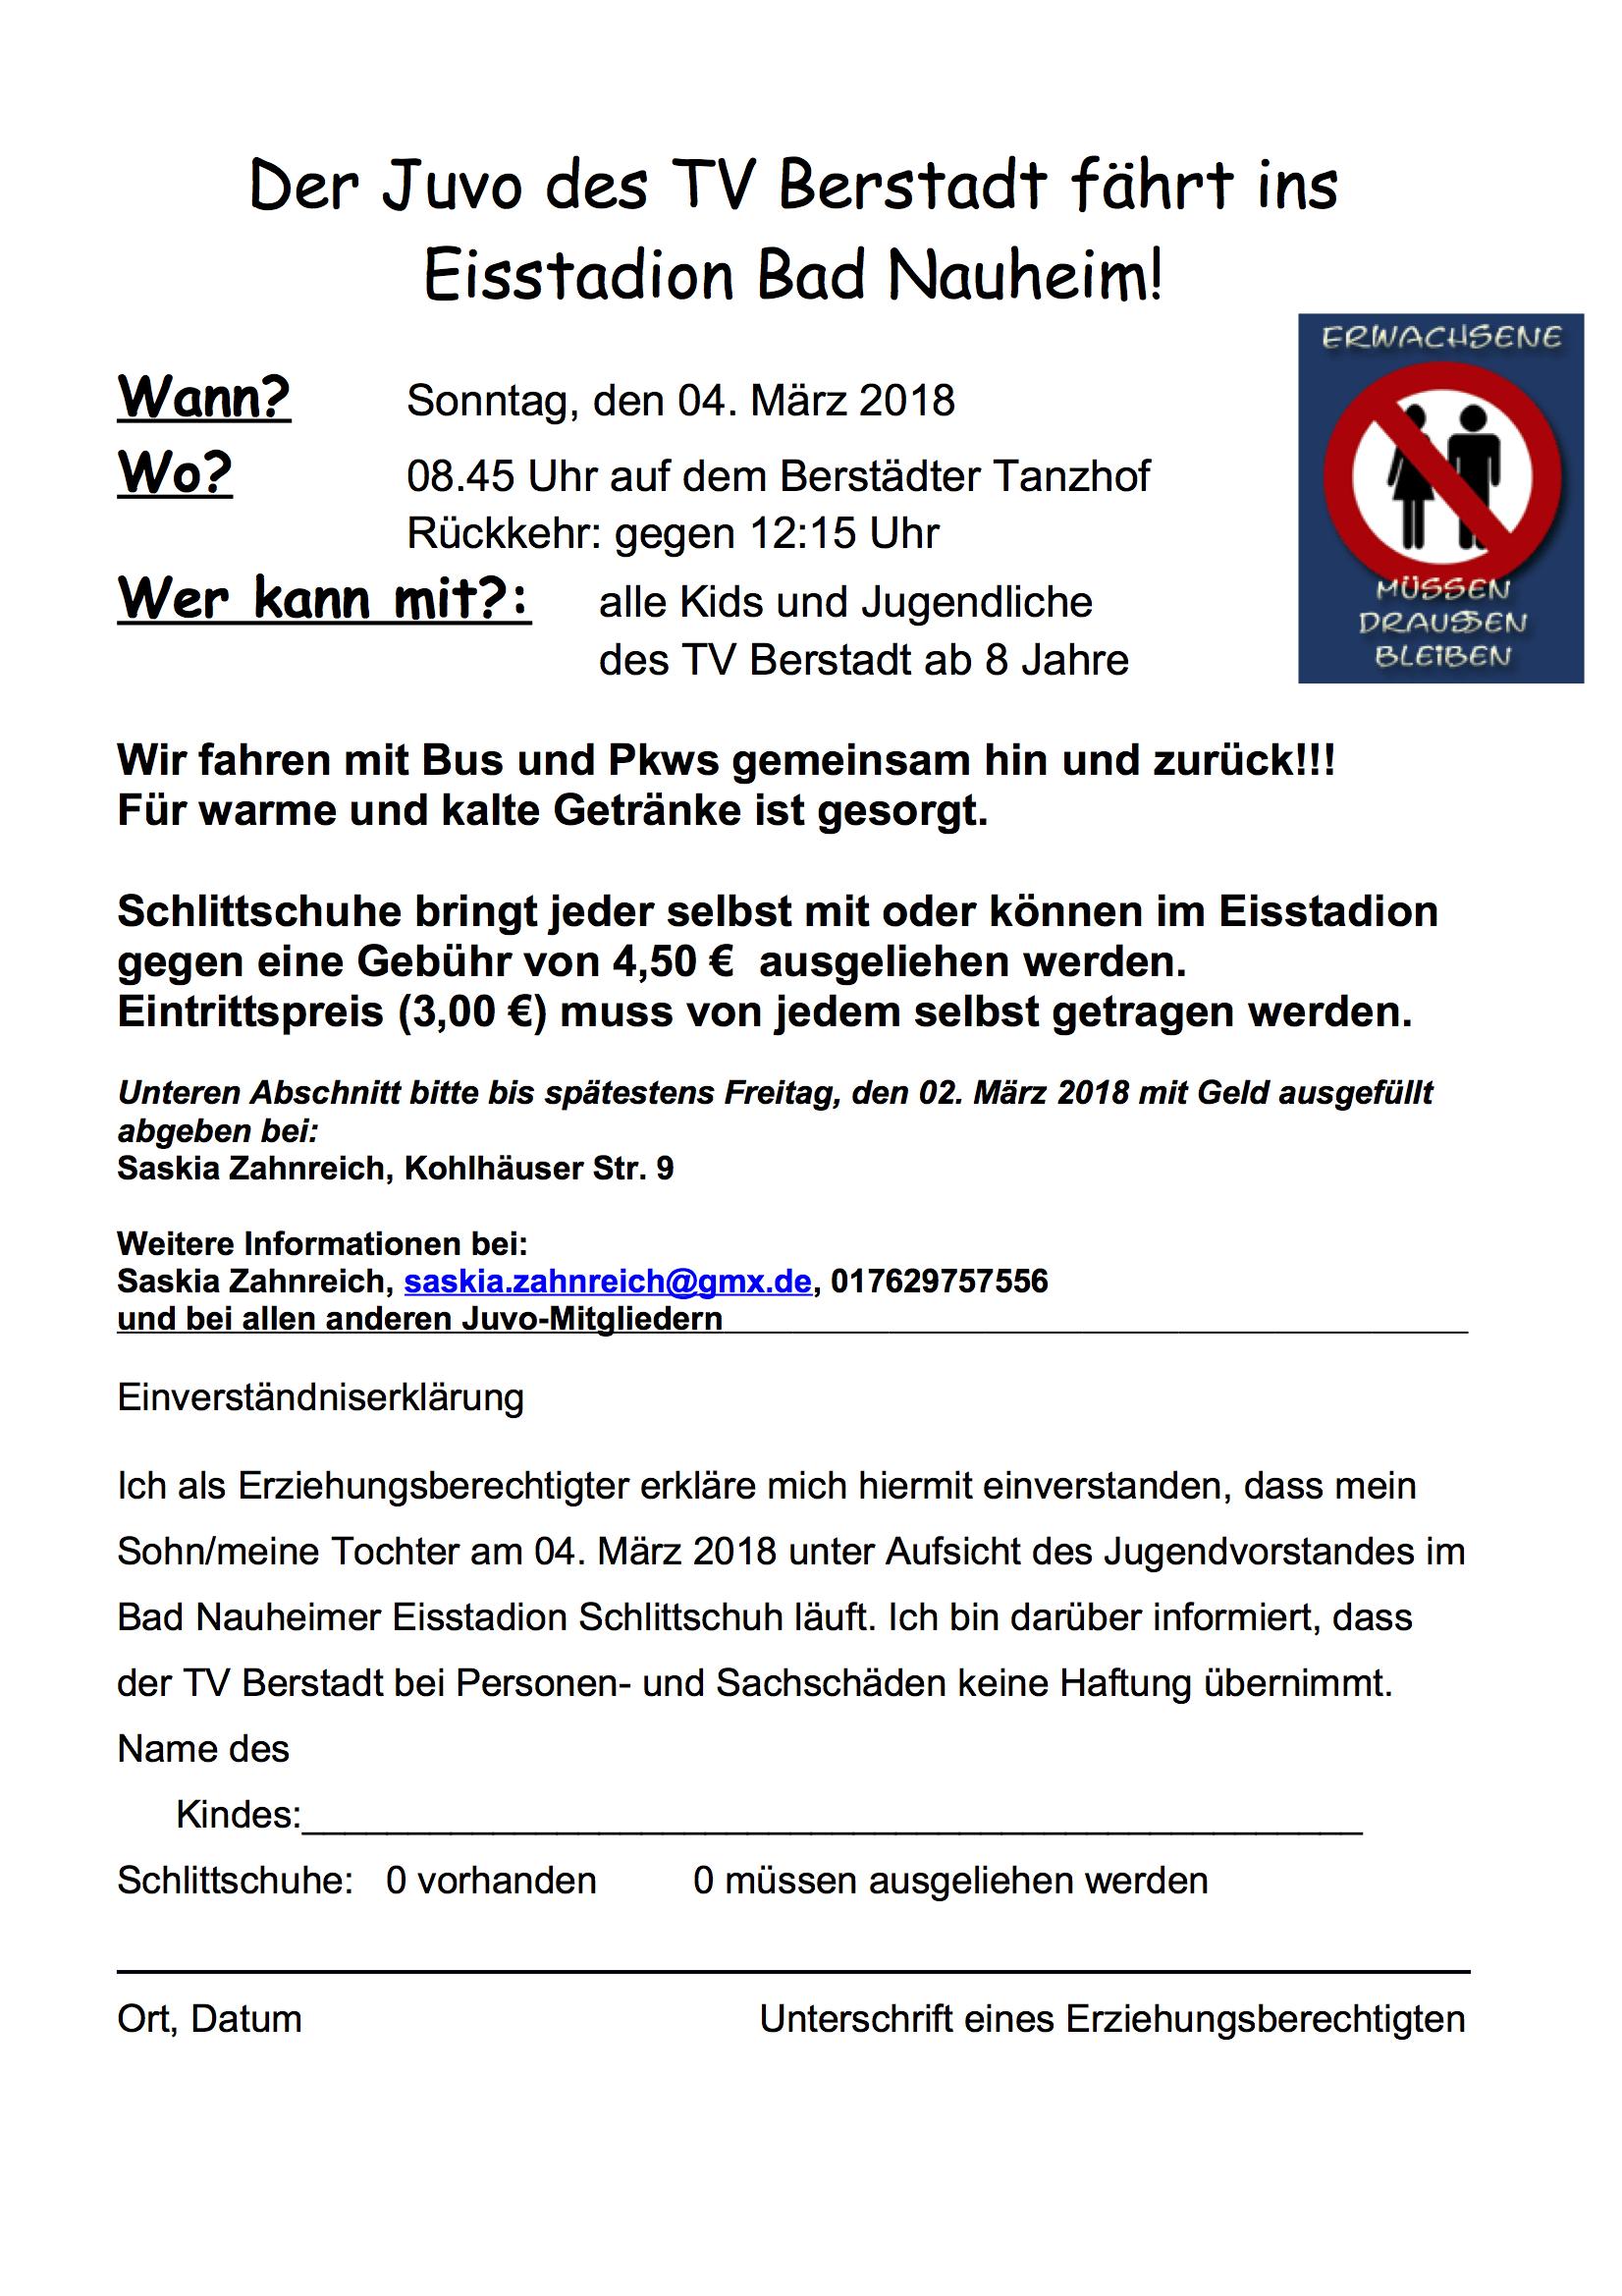 Groß Leer Wird Wieder Ausgefüllt Bilder - Beispiel Wiederaufnahme ...